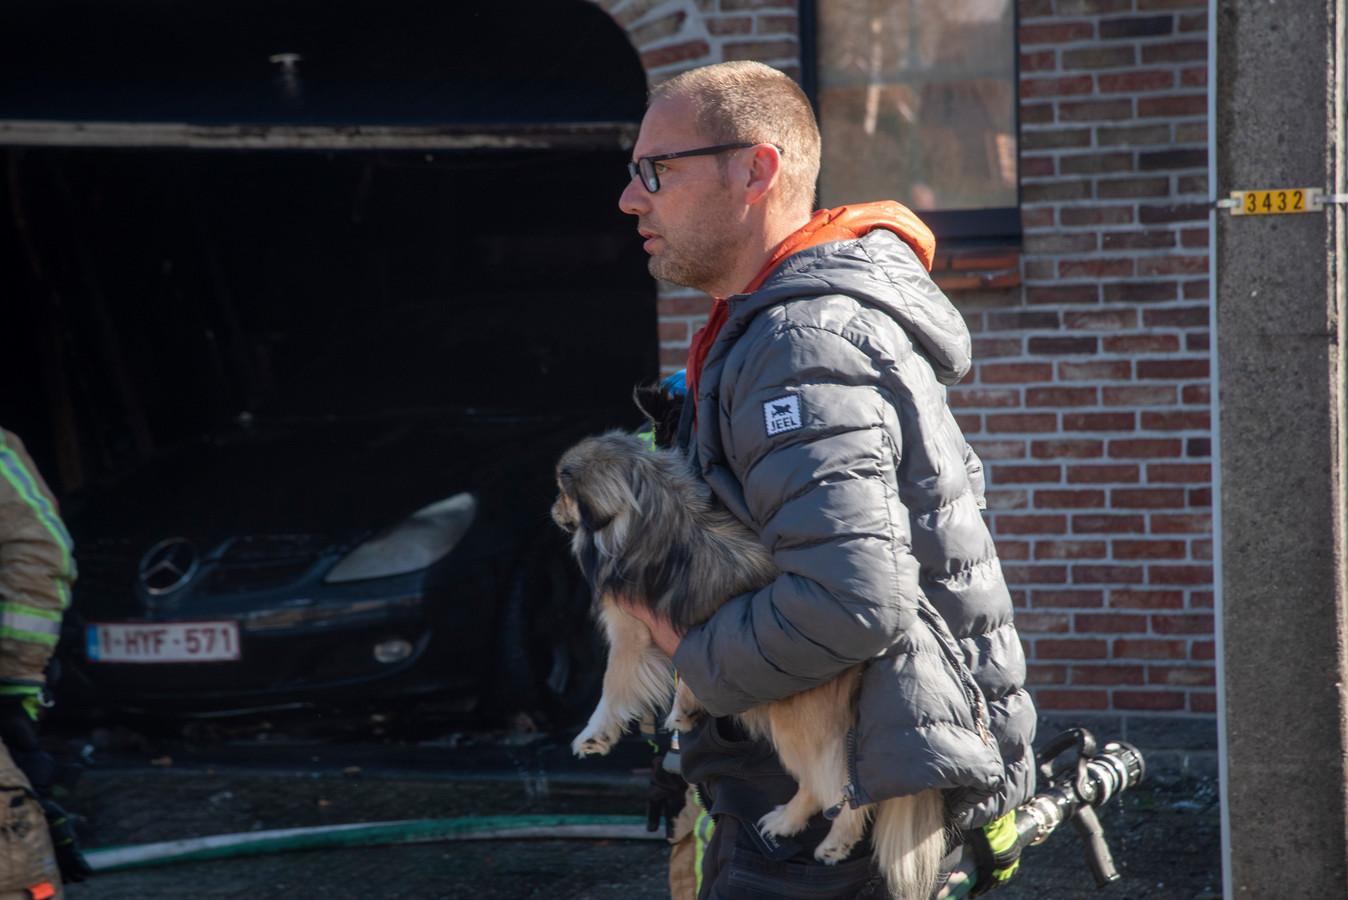 De hondjes van de bewoner bleven ongedeerd.